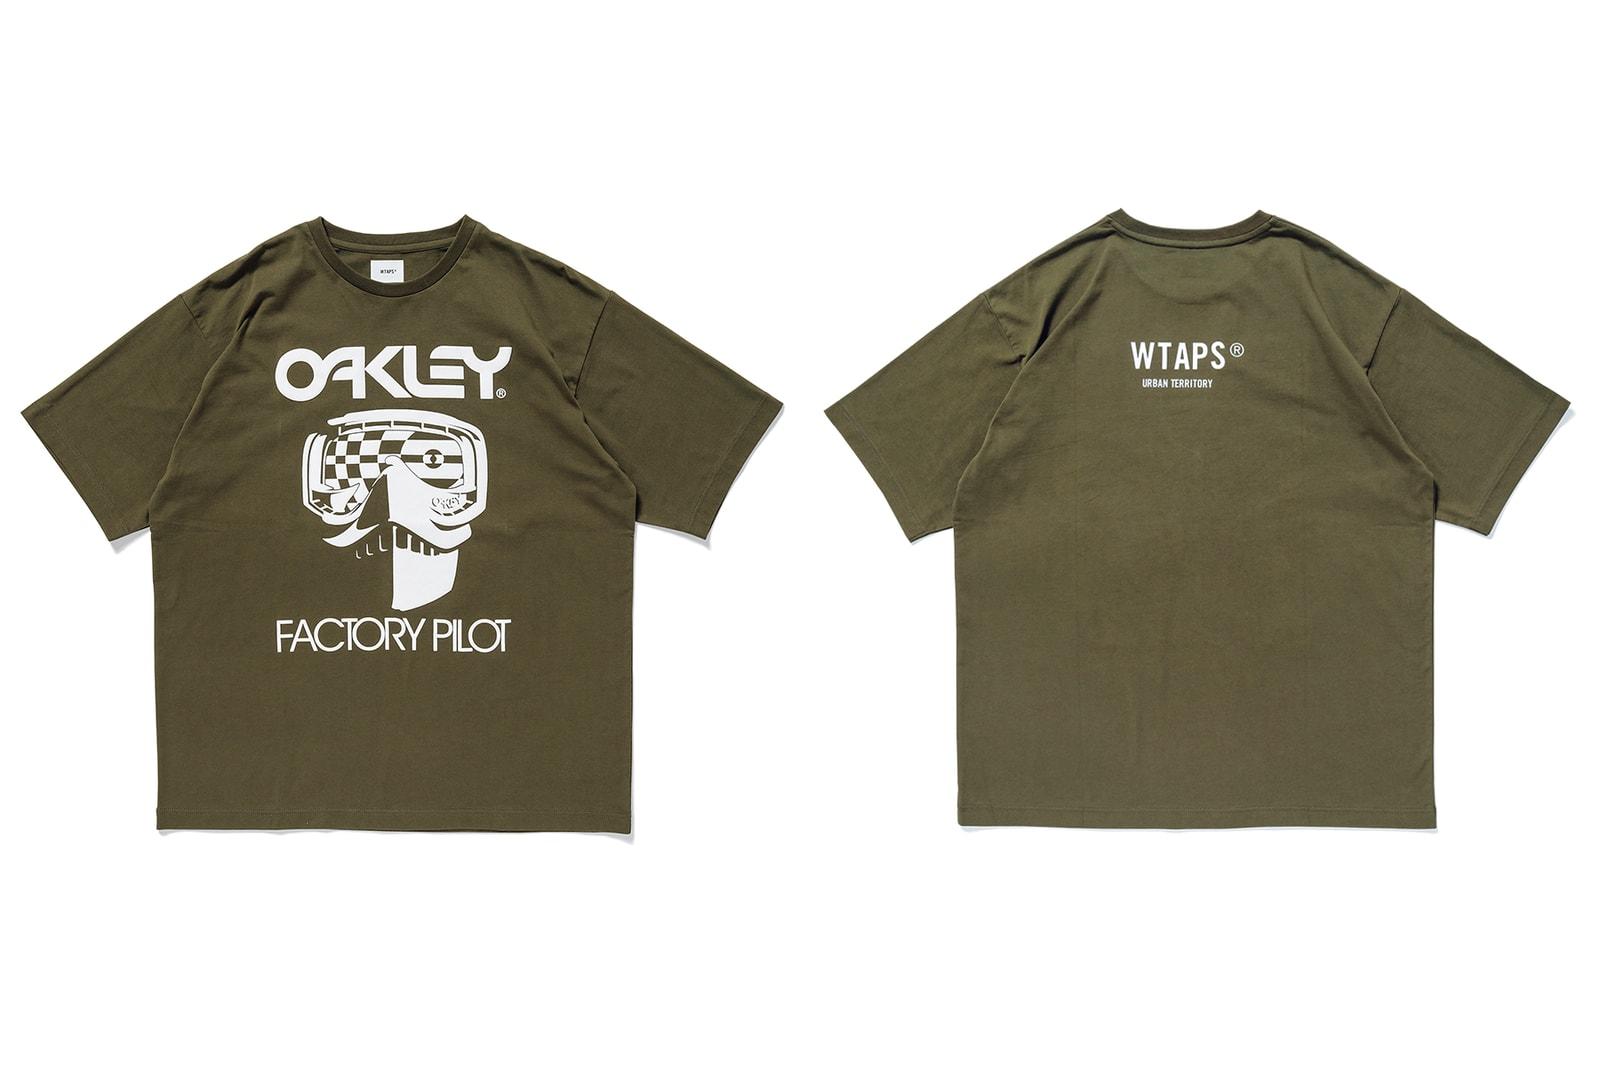 ダブルタップス×オークリー WTAPS OAKLEY コラボ コラボ ラッチ サングラス ジャケット Tシャツ パンツ コレクション 発売